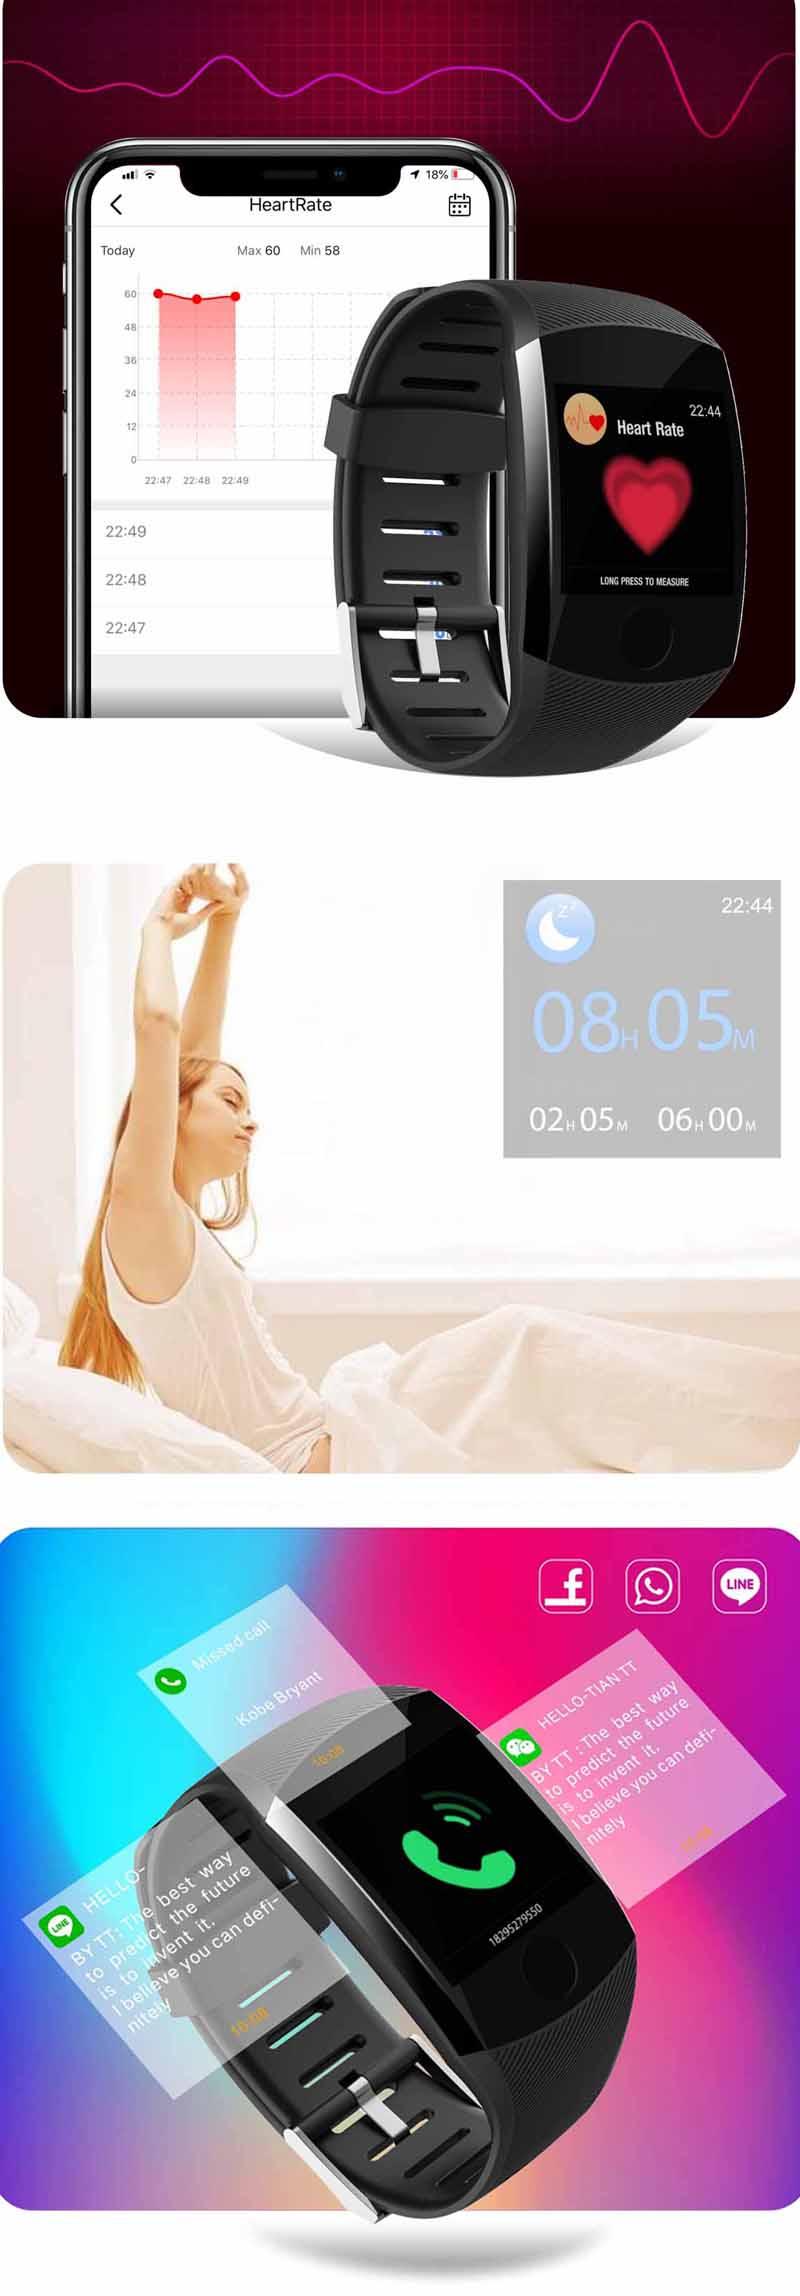 XANESQ111,3-дюймовыйсенсорныйэкранВодонепроницаемы Smart Watch Call Reject Фитнес Спортивный браслет - фото 3